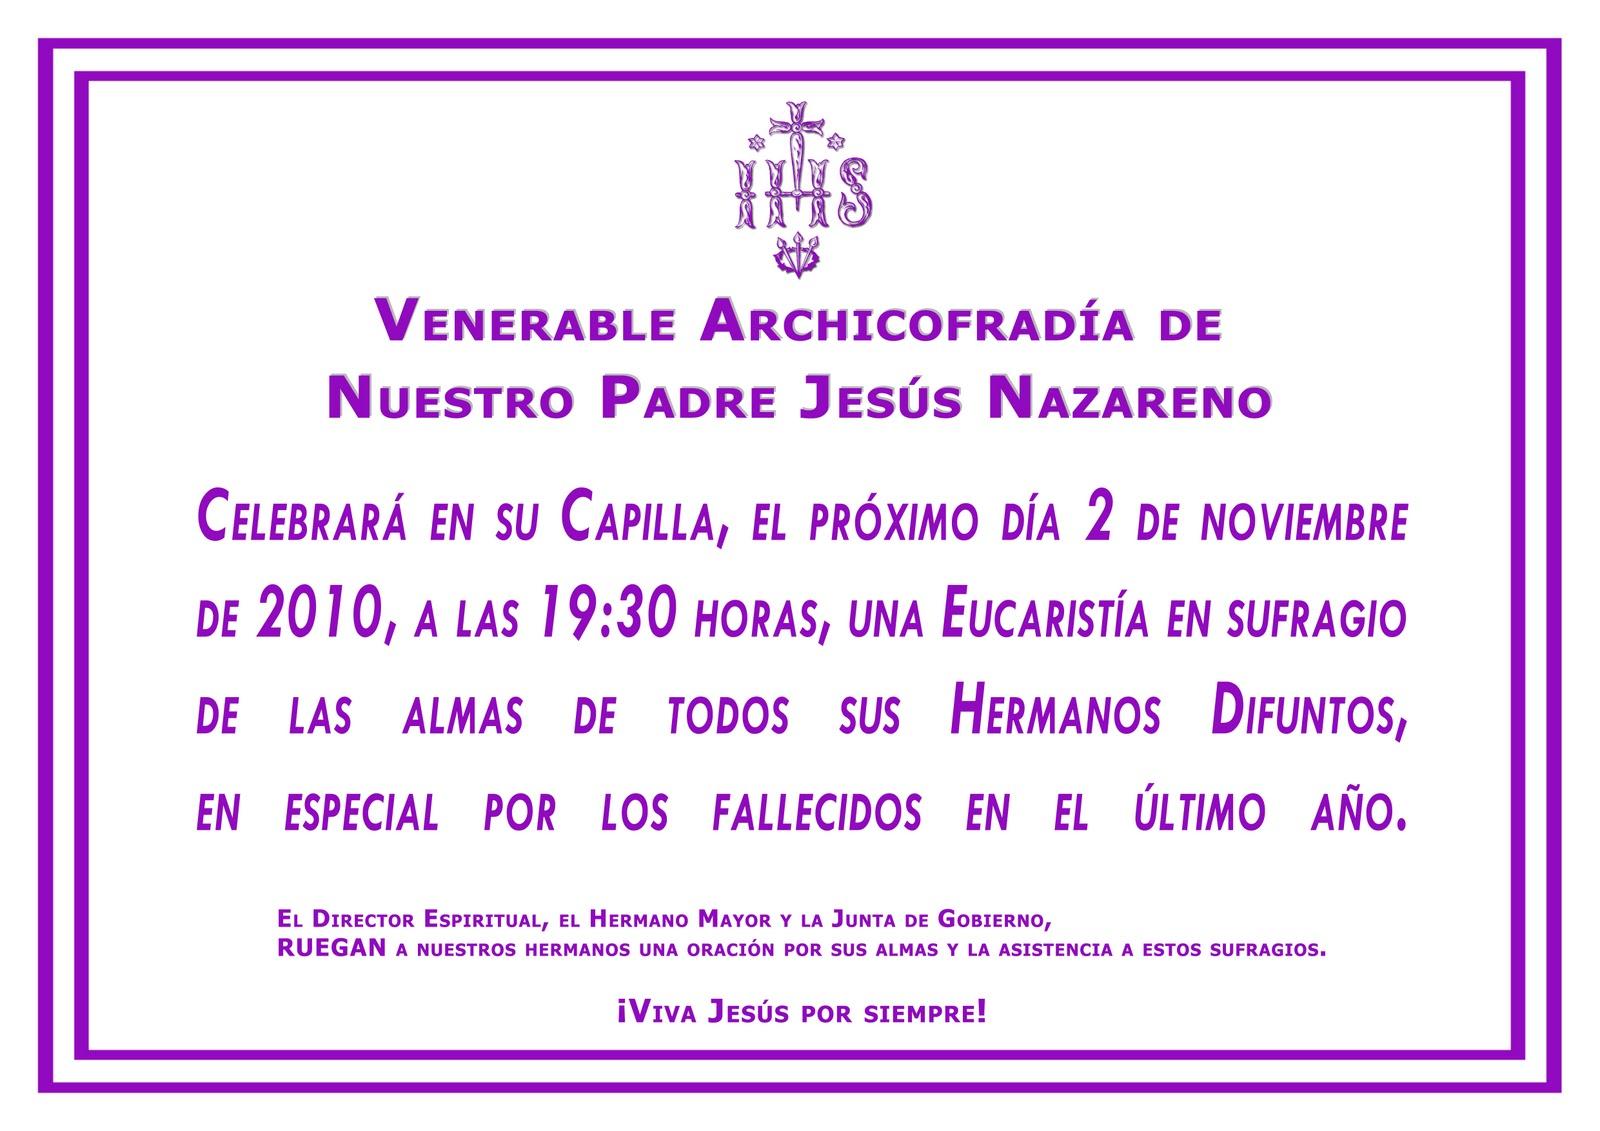 de hoy se ha celebrado en nuestra capilla una misa de difuntos de